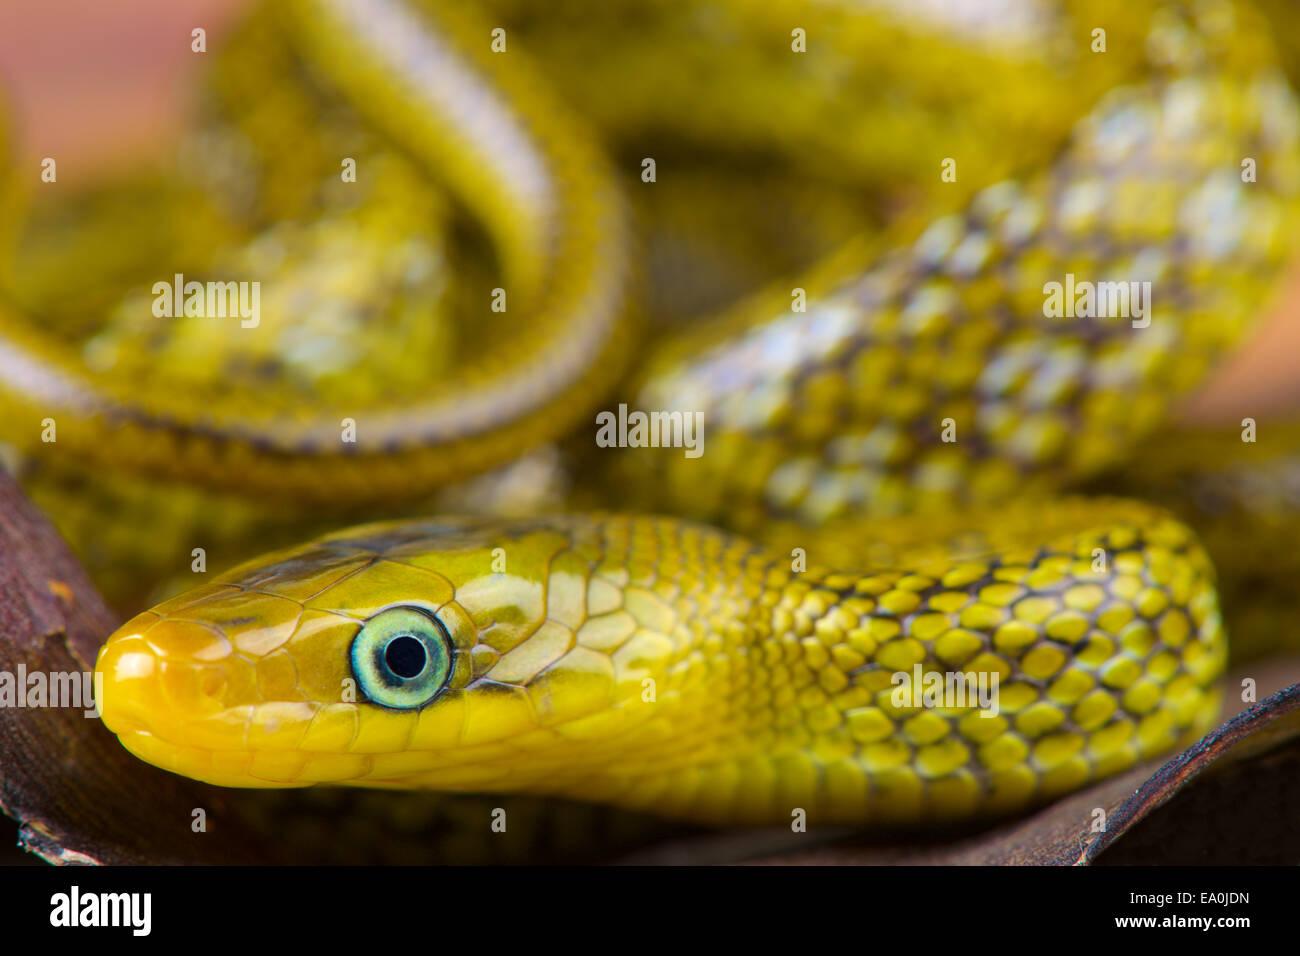 Himalayan trinket snake / Orthriophis hodgsoni - Stock Image